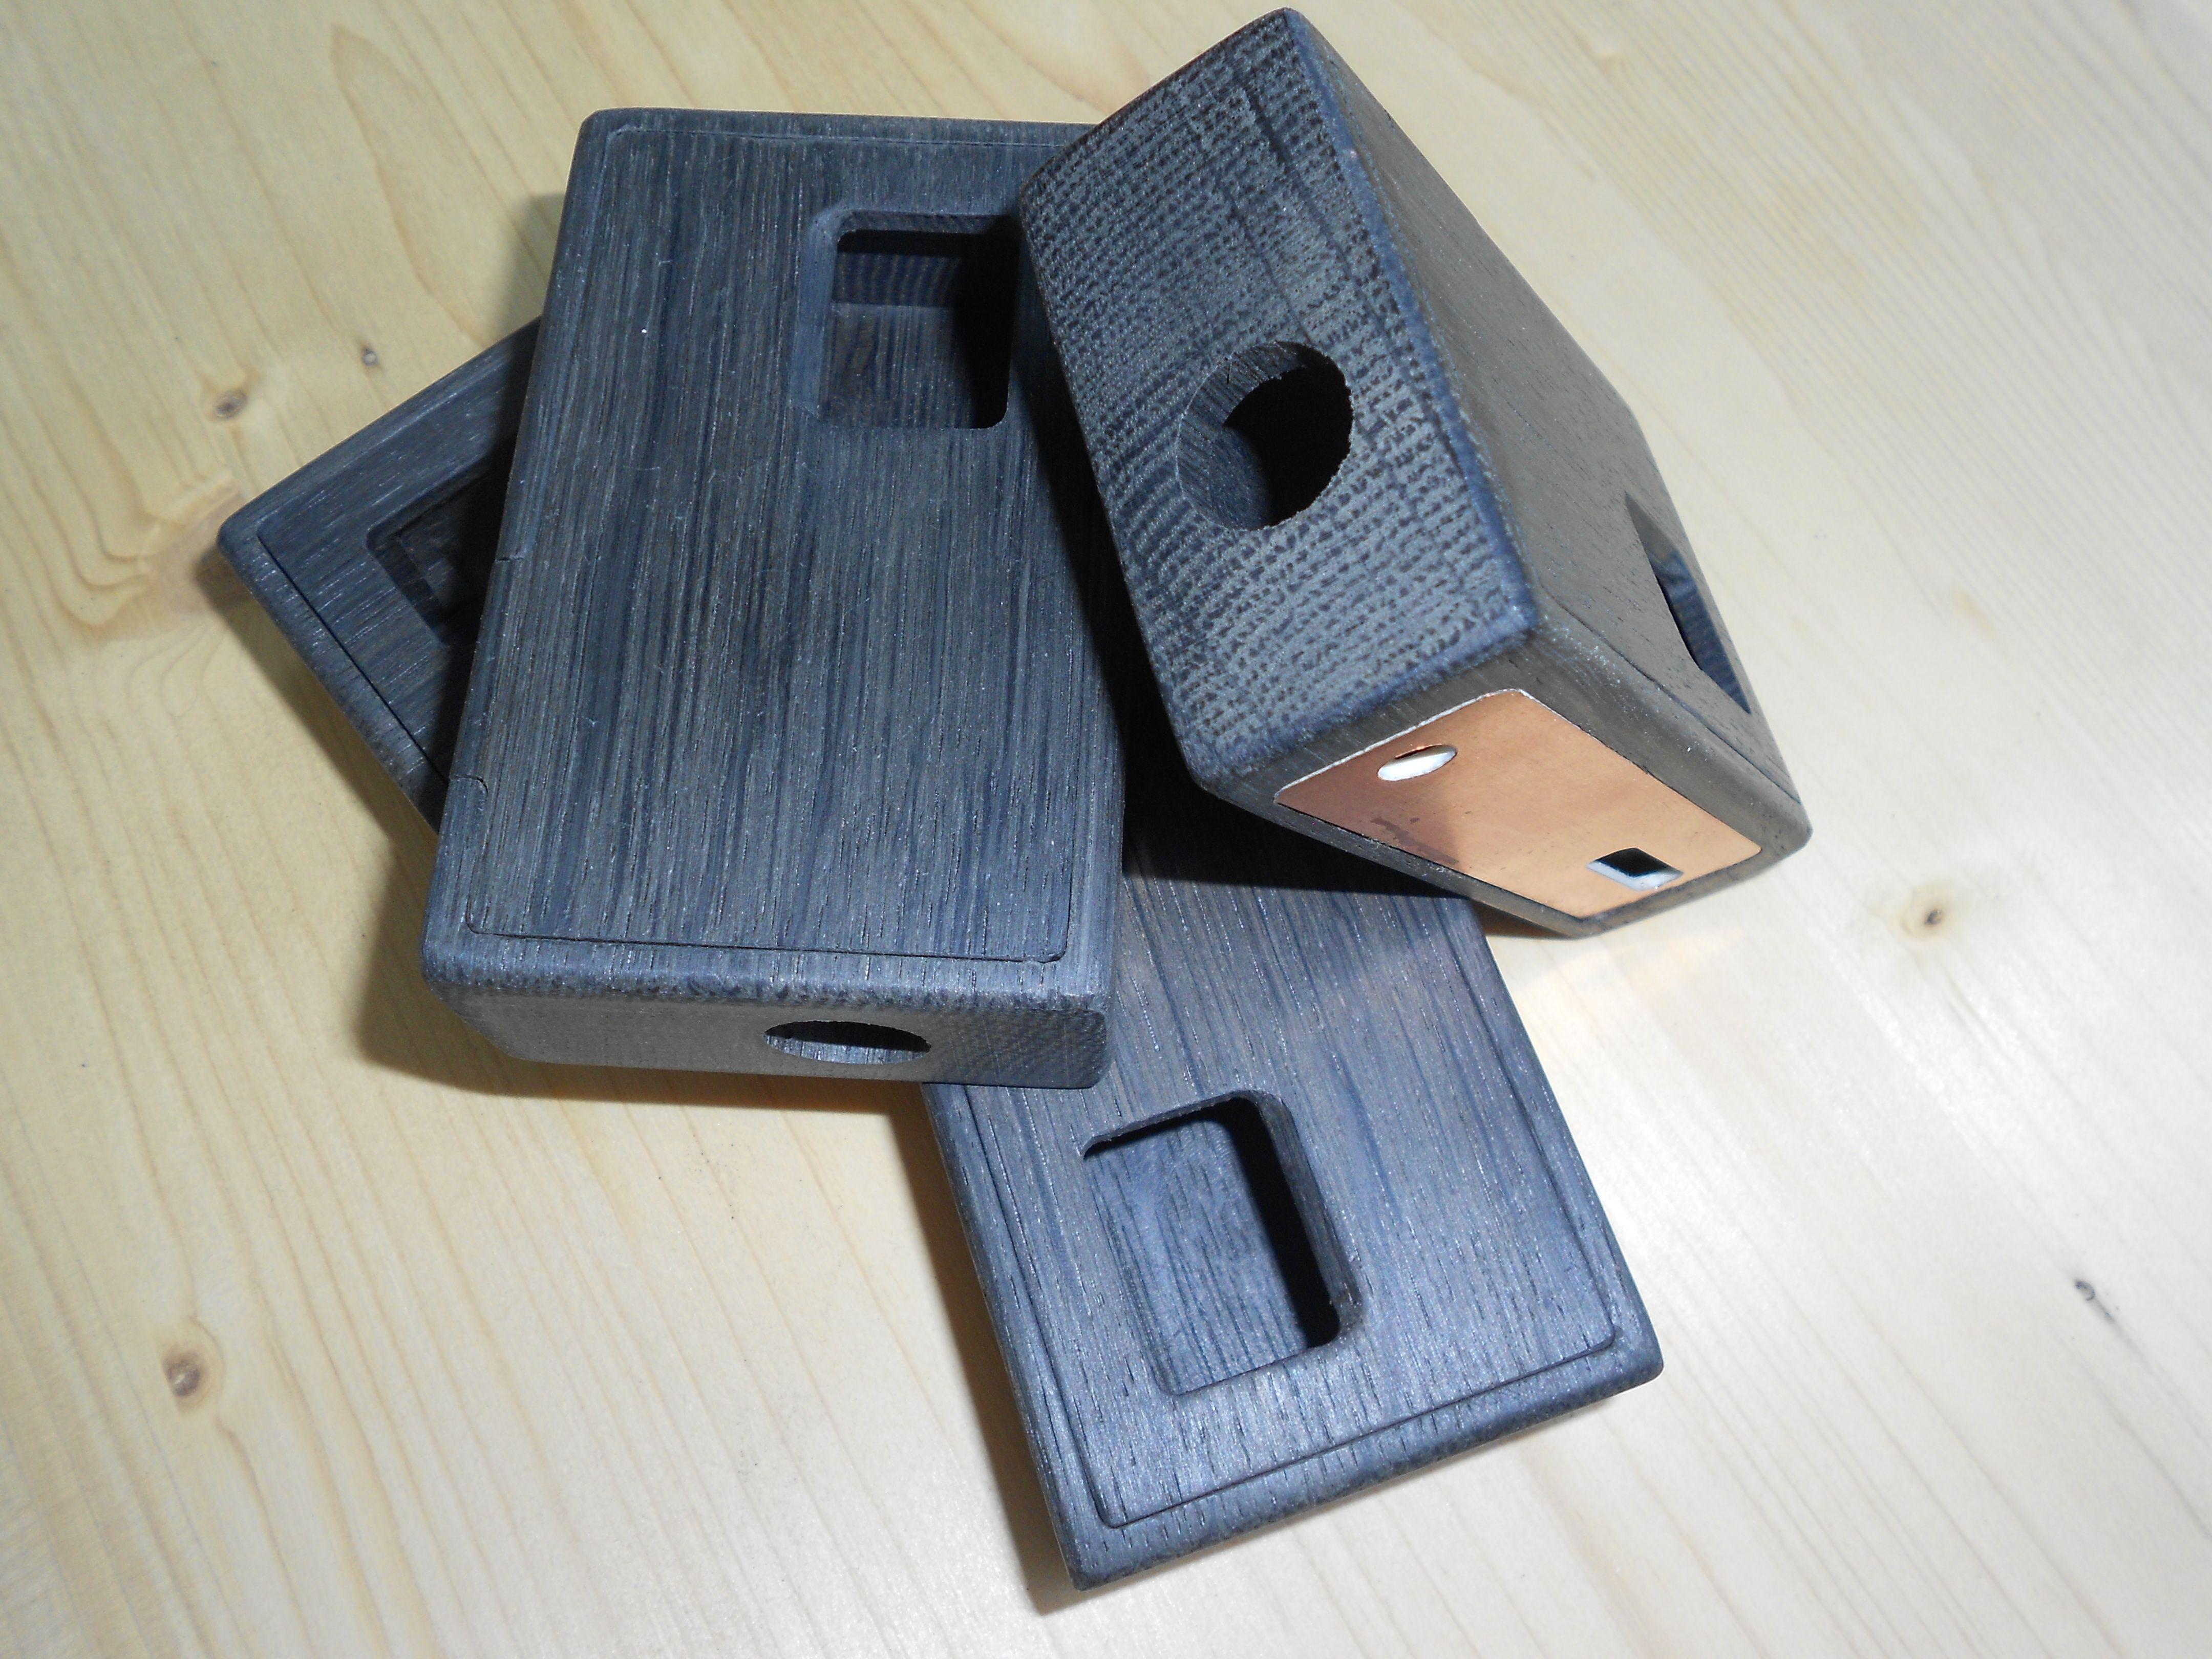 Lipo Box Mod Uk